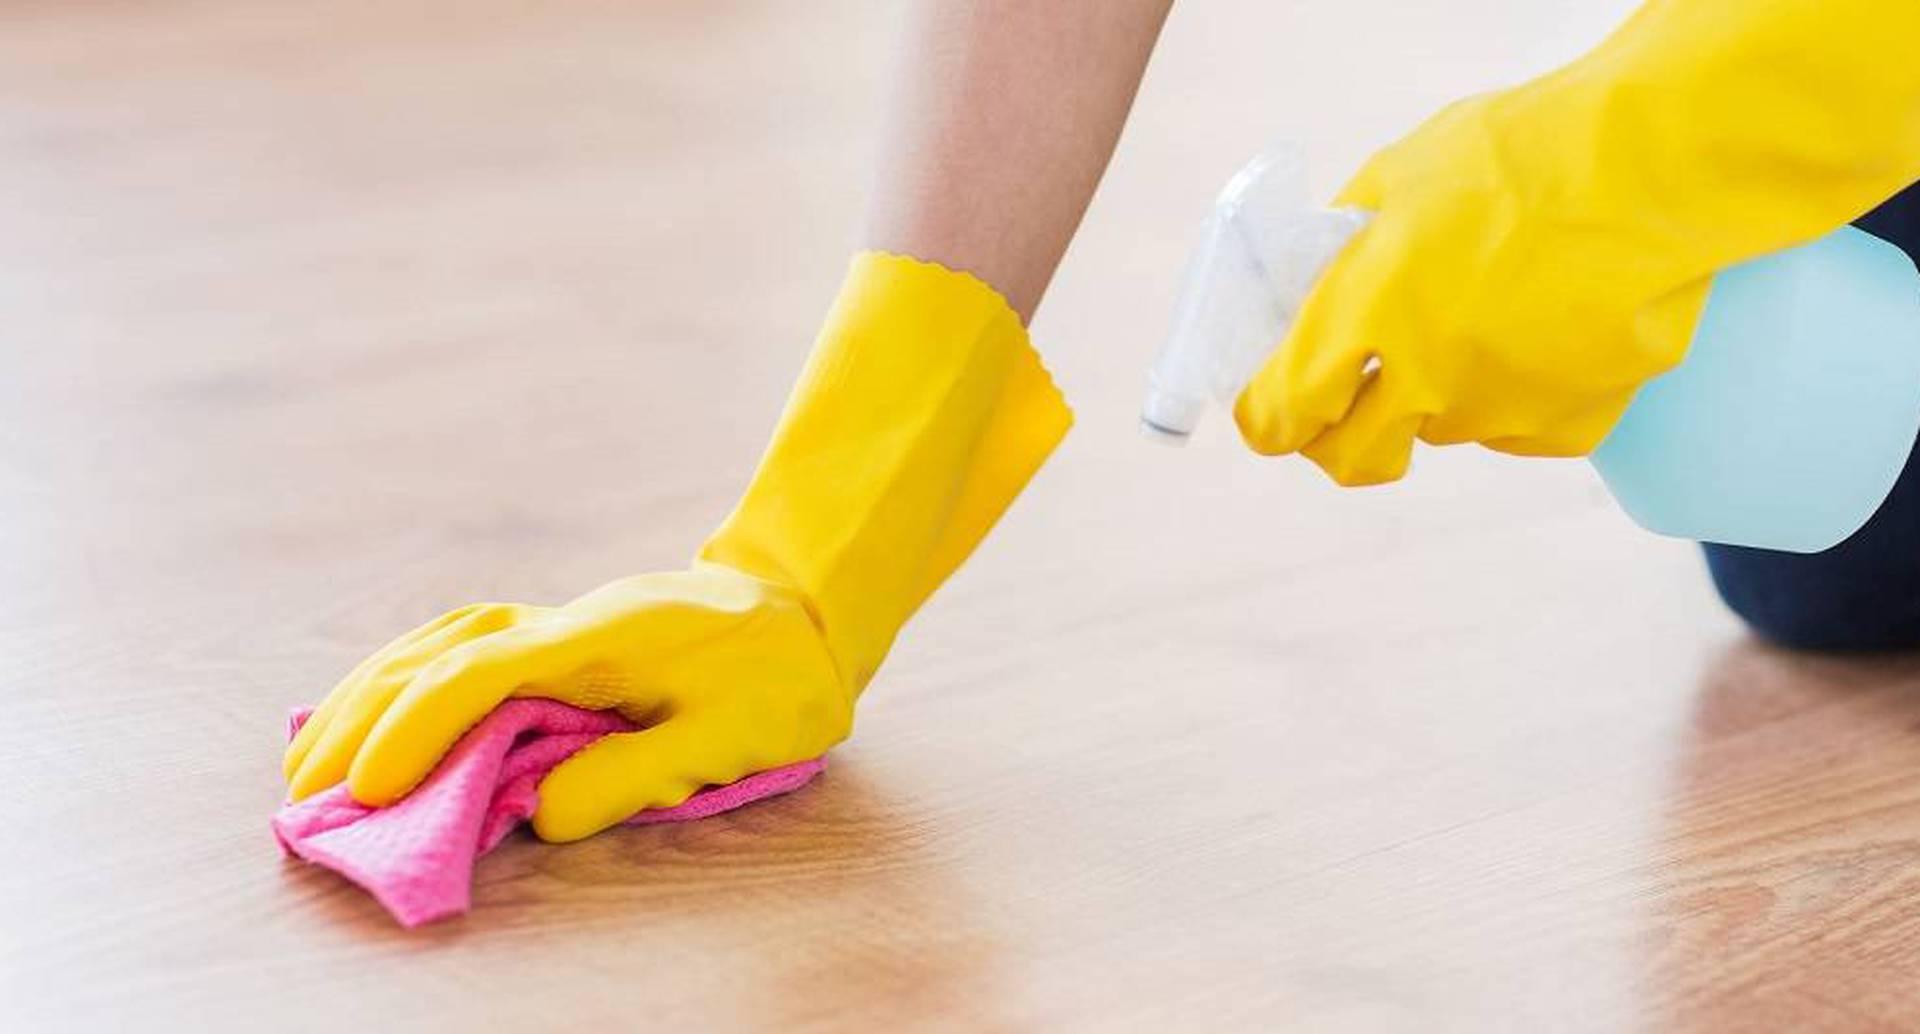 El 22 de julio se conmemora el día del trabajo doméstico.